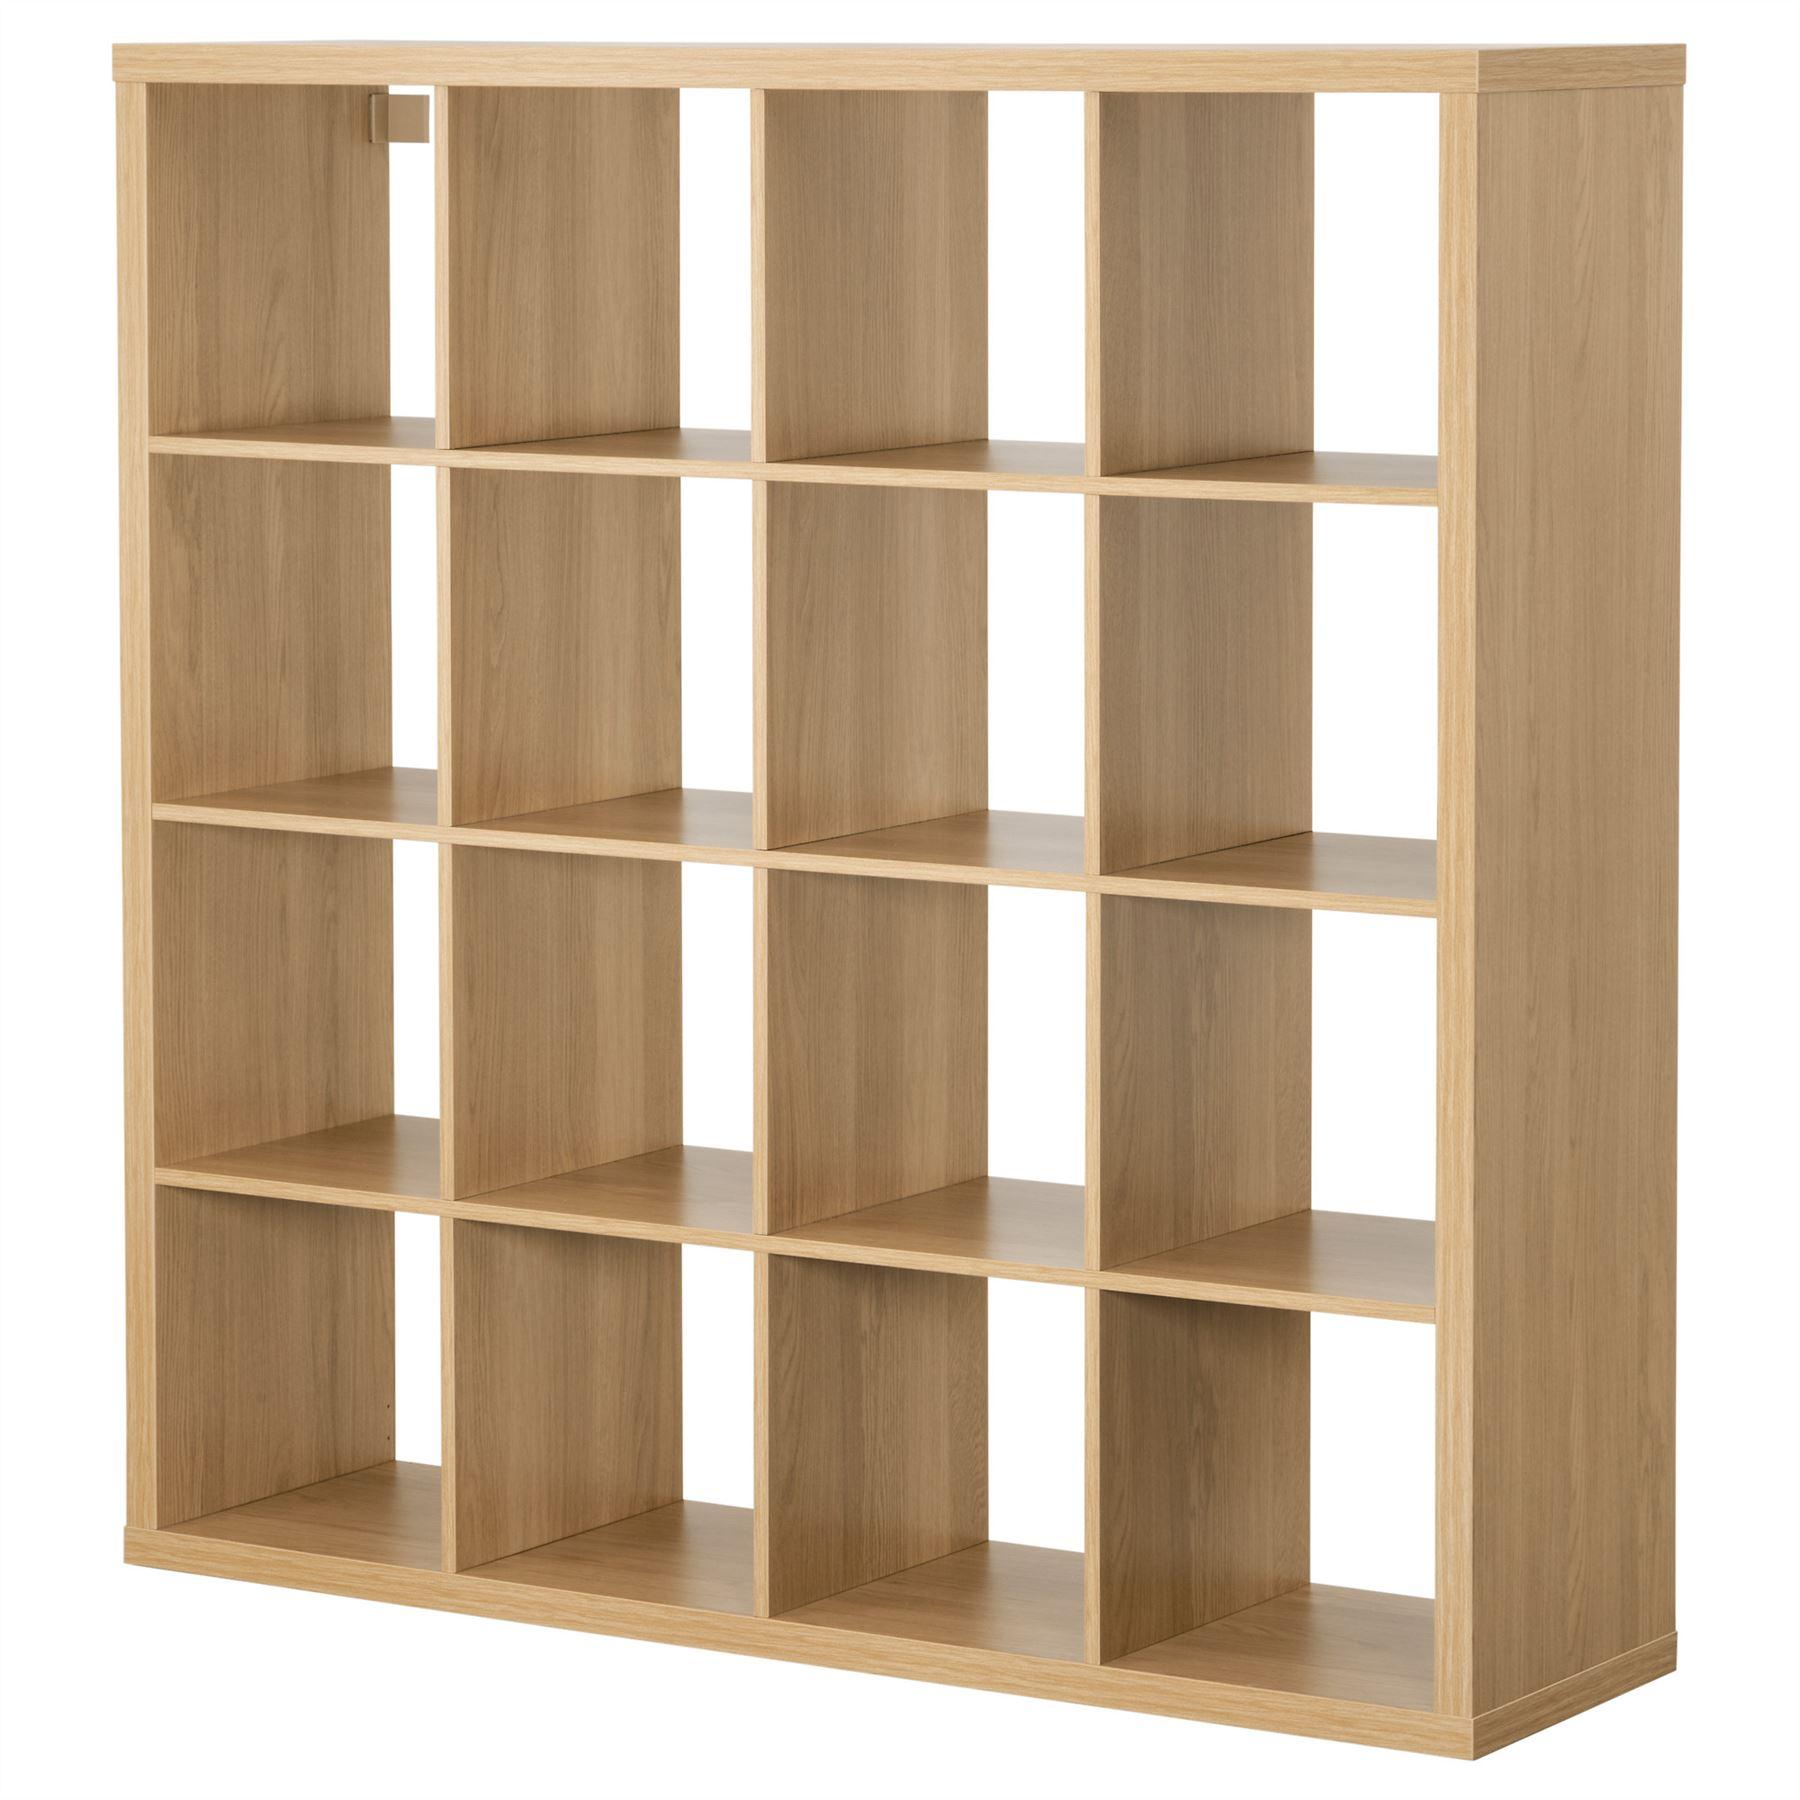 Ikea Kallax 16 Cube Storage Bookcase Square Shelving Unit Oak Ebay # Bureau Kallax